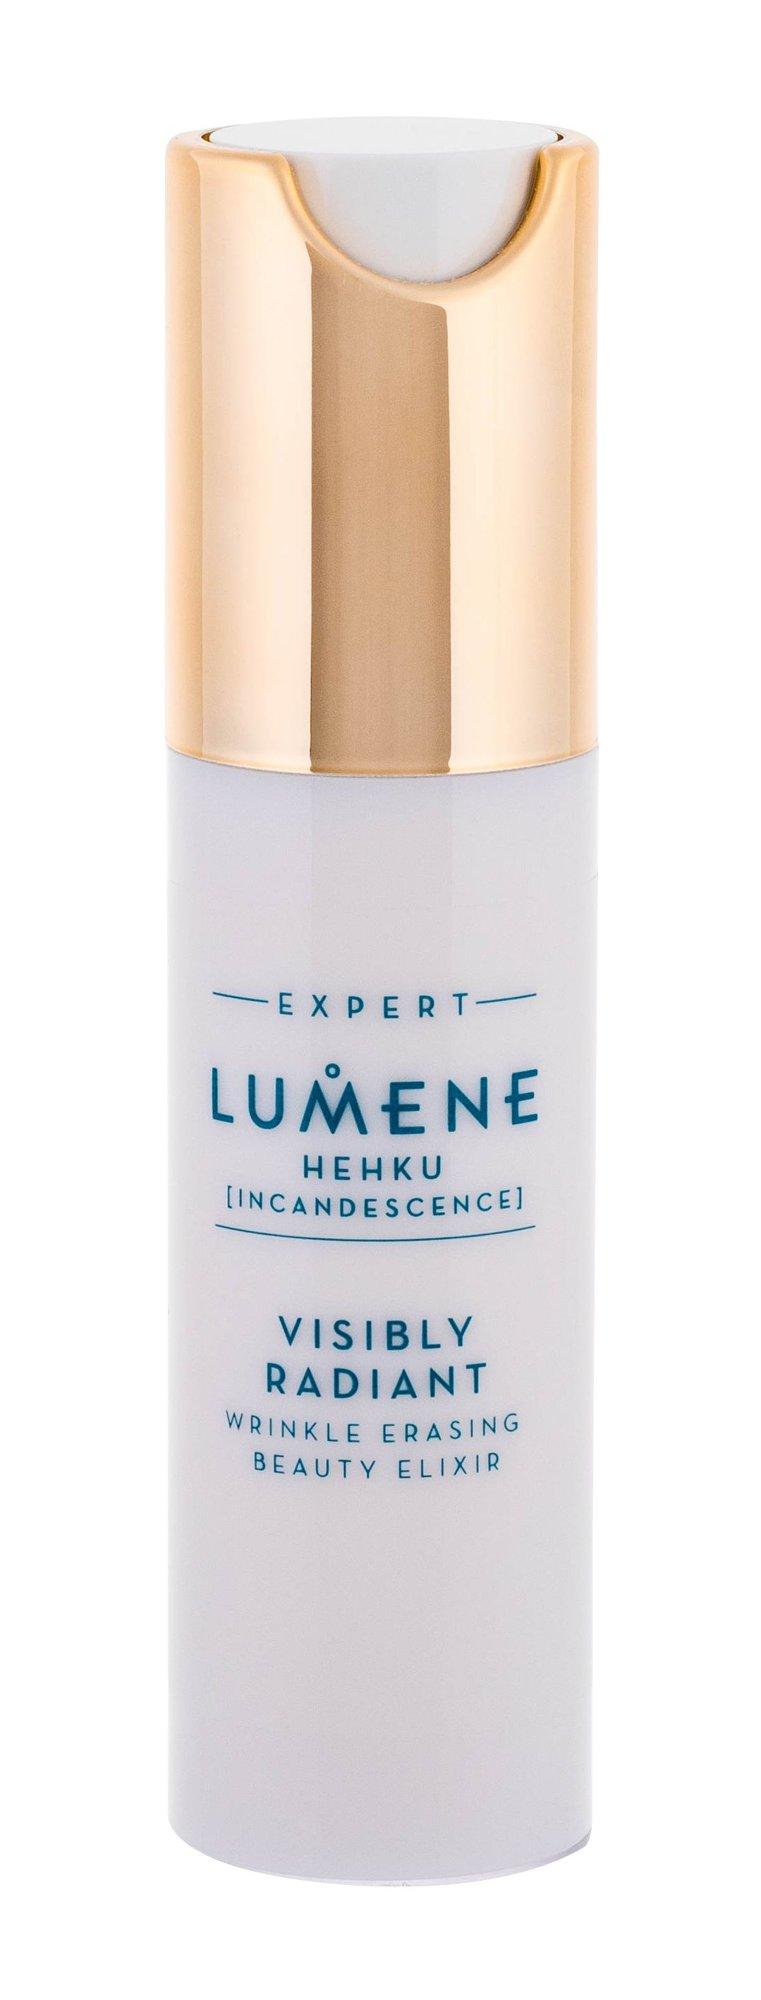 Lumene Hehku Nordic Repair Skin Serum 30ml